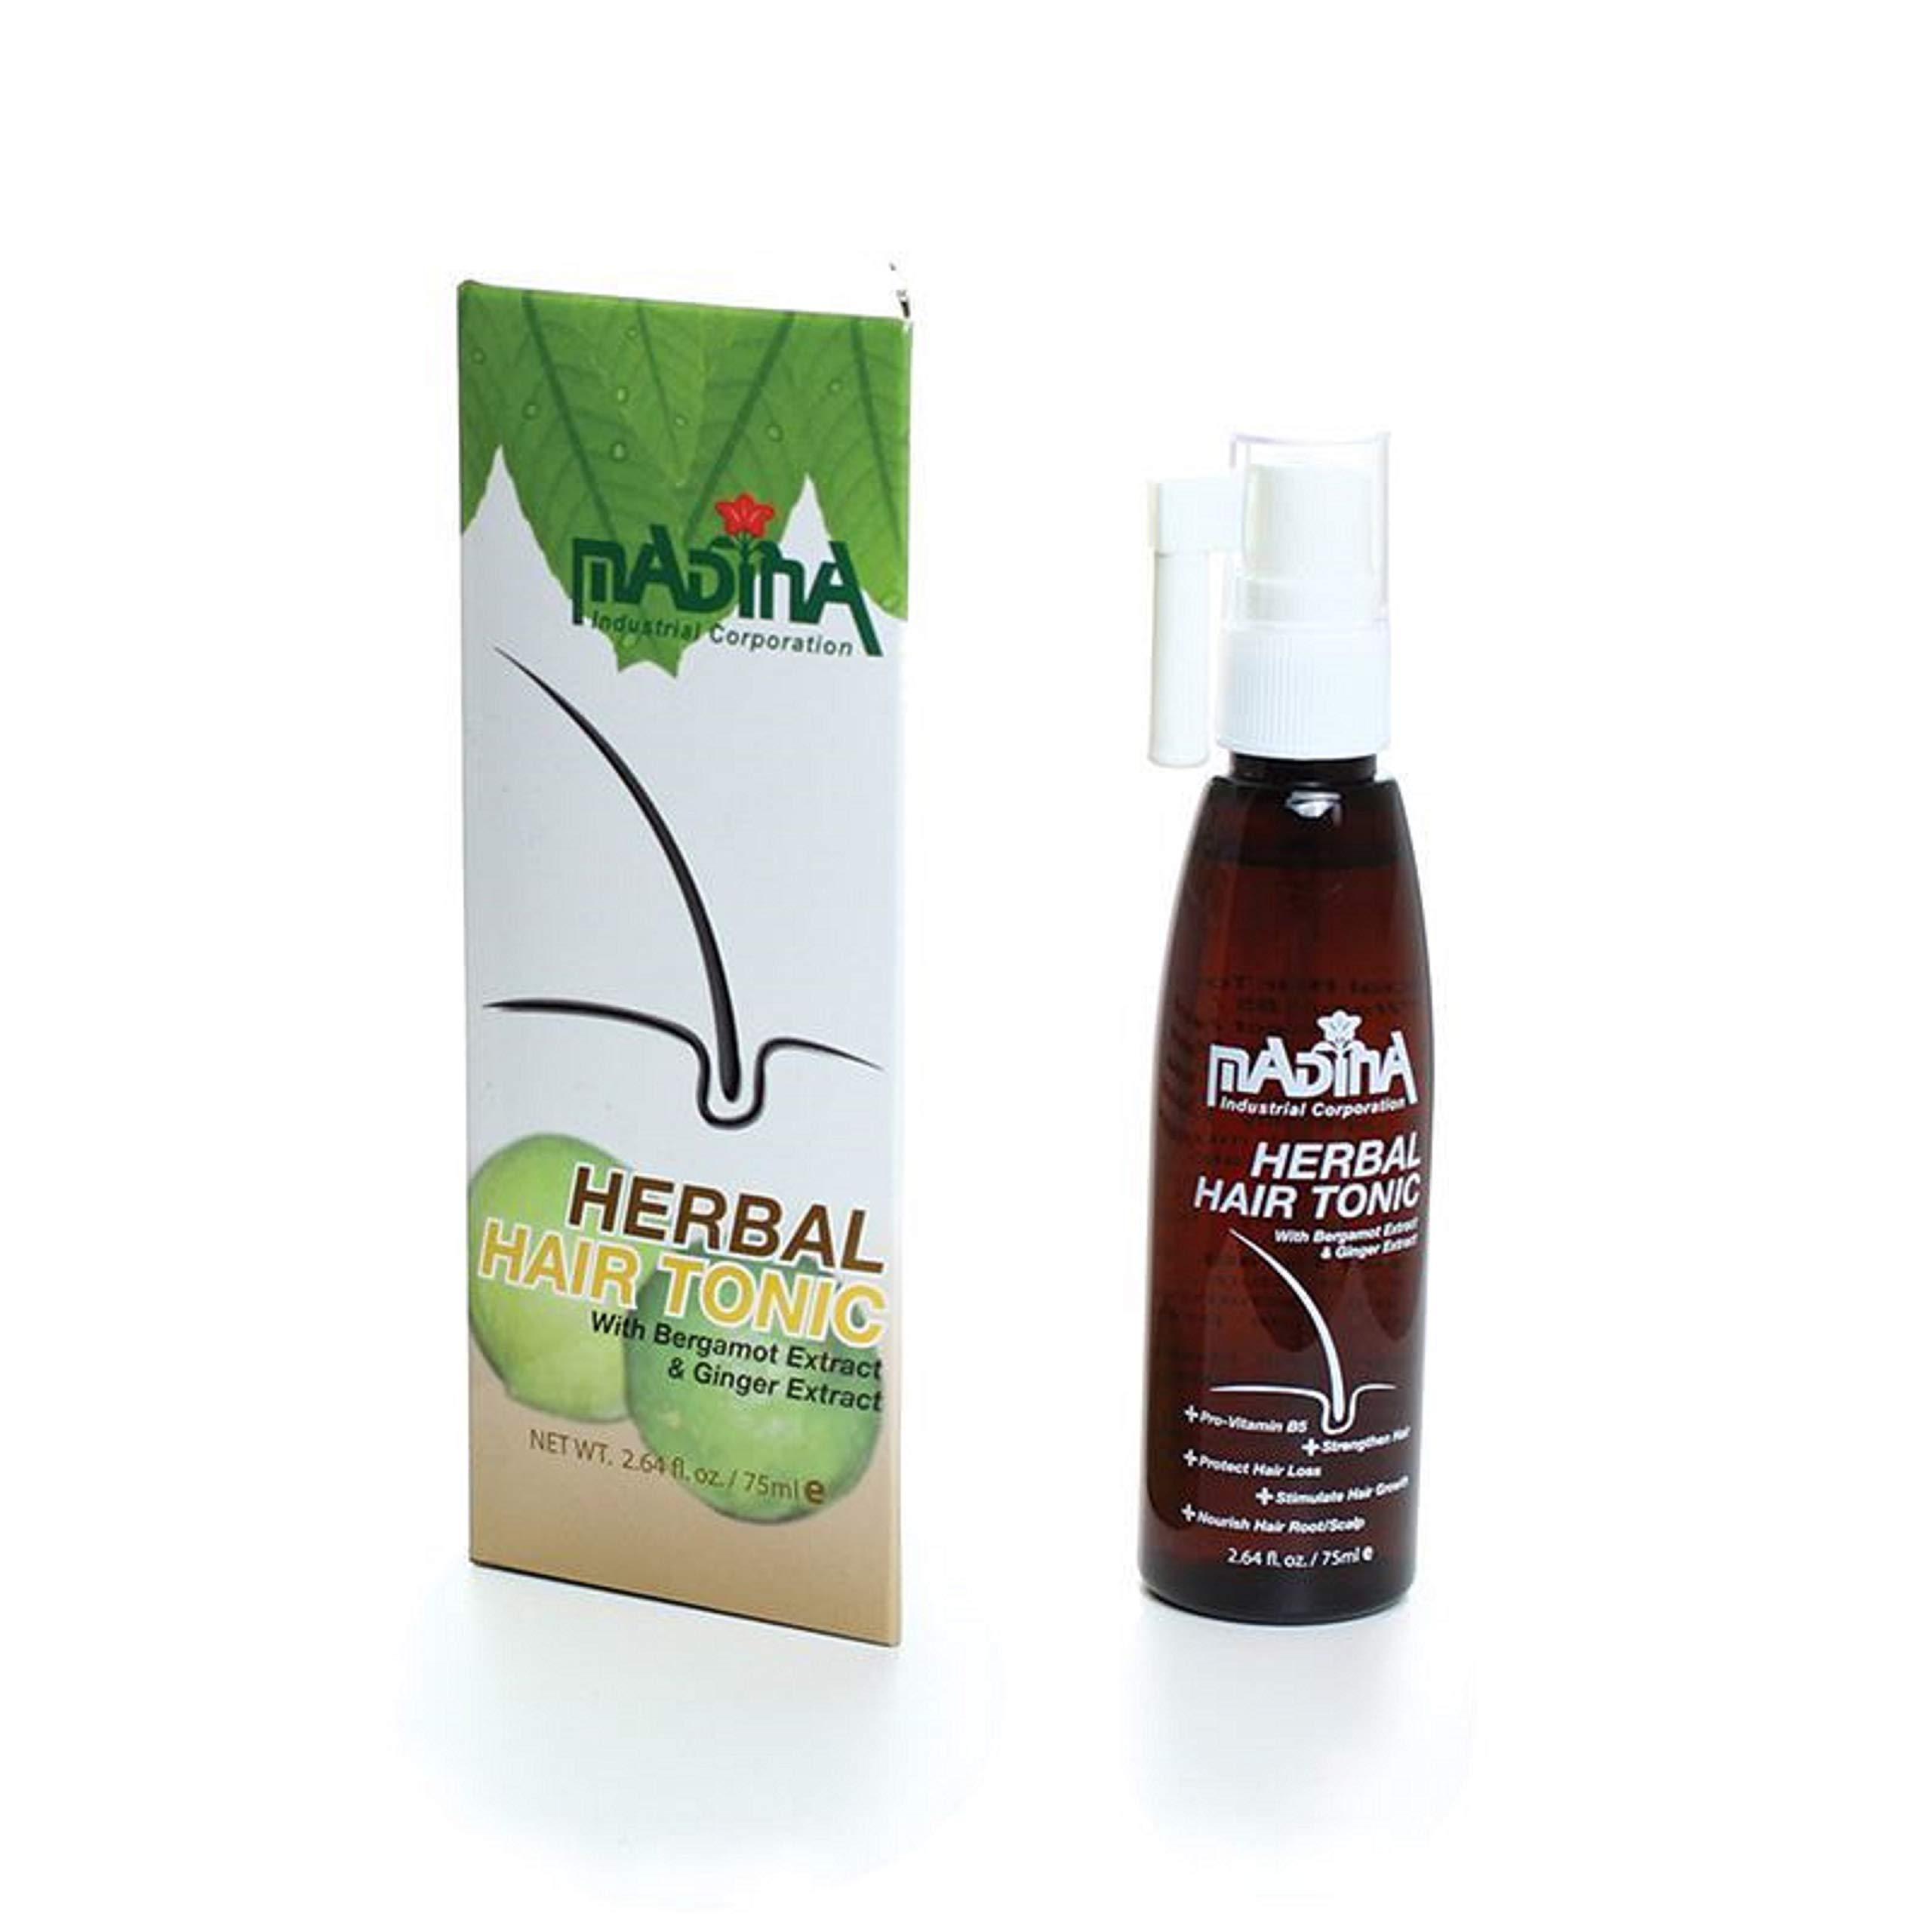 Herbal Hair Tonic by OMAQA